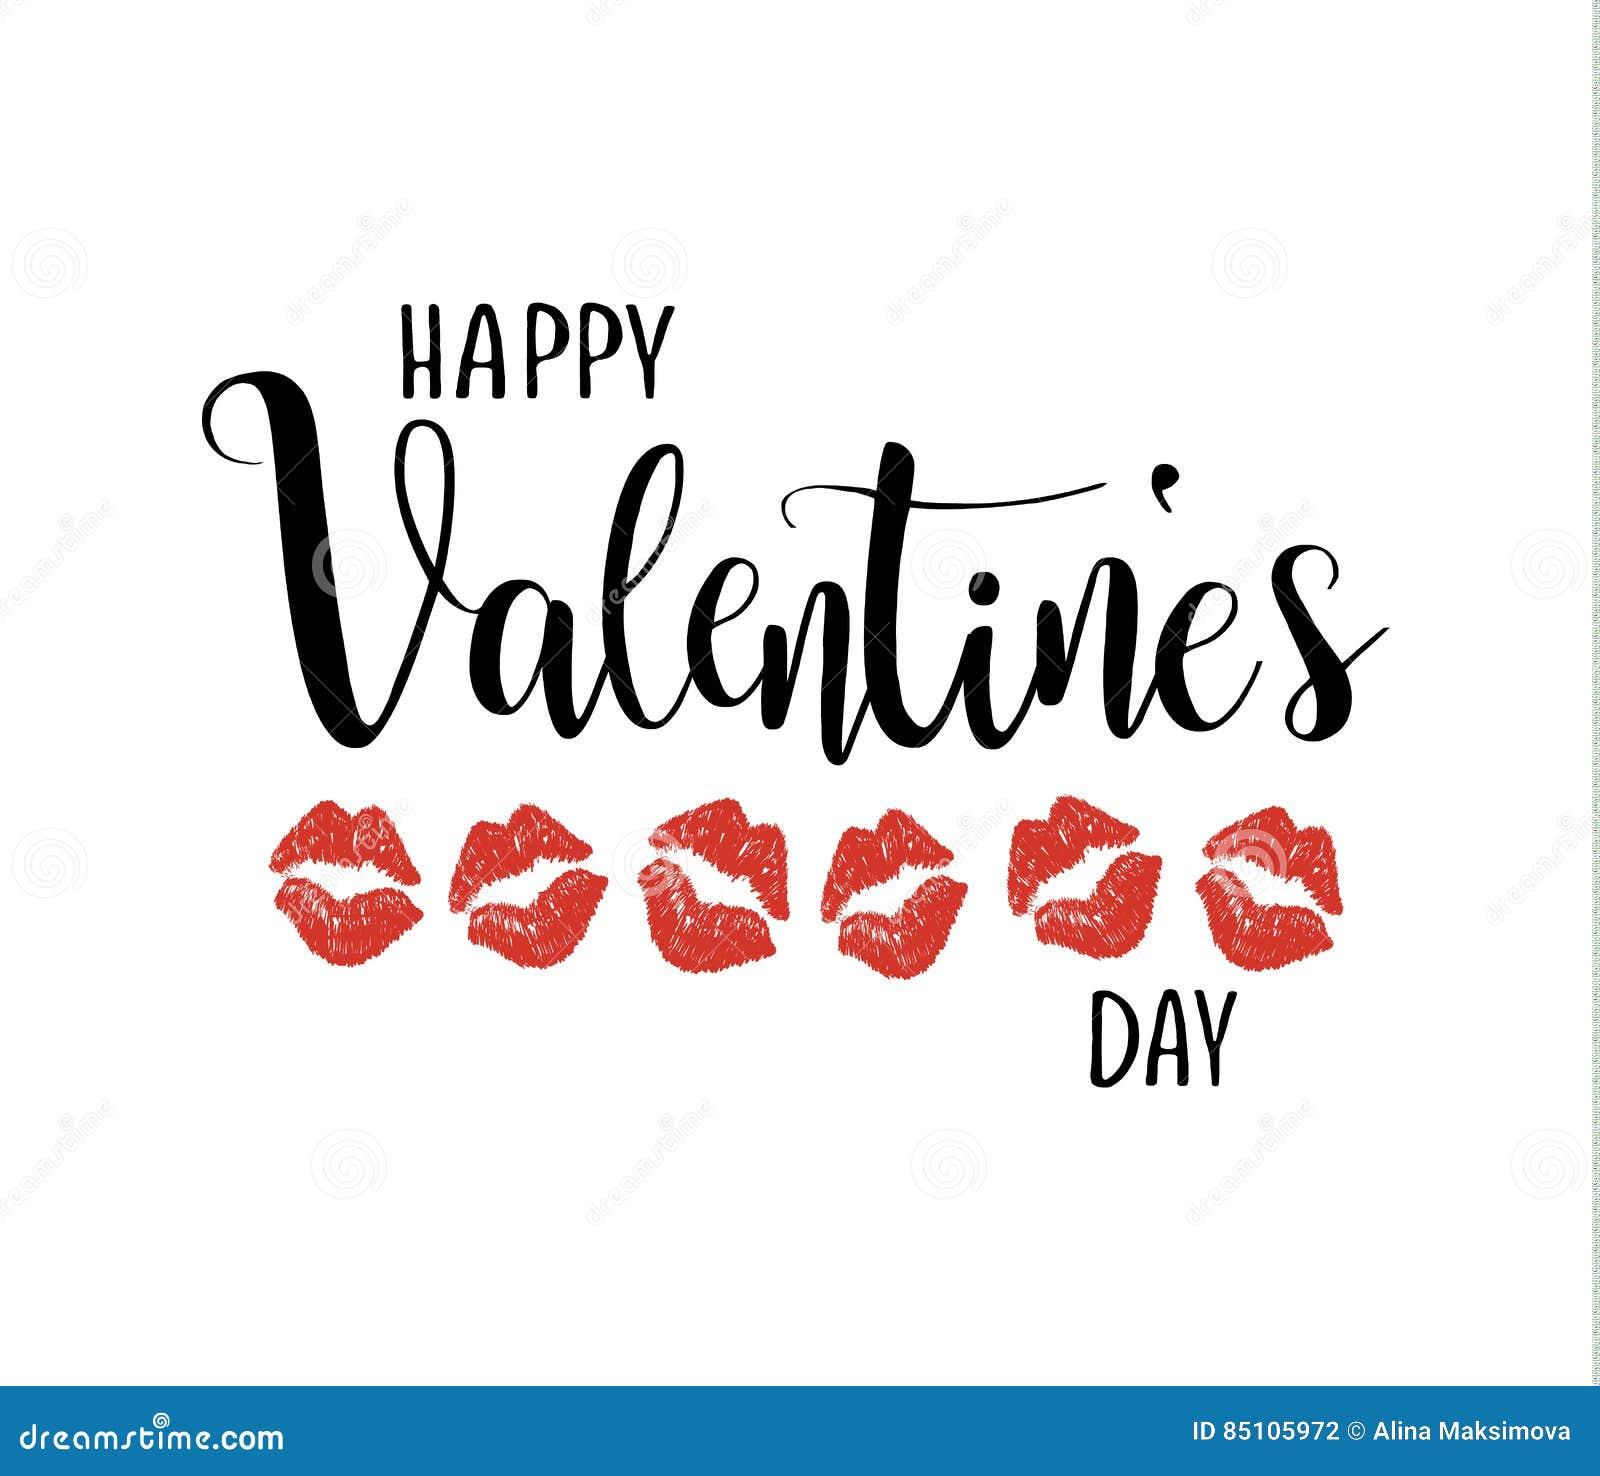 Letras felices de la caligrafía del vector del día del ` s de la tarjeta del día de San Valentín Besar los labios